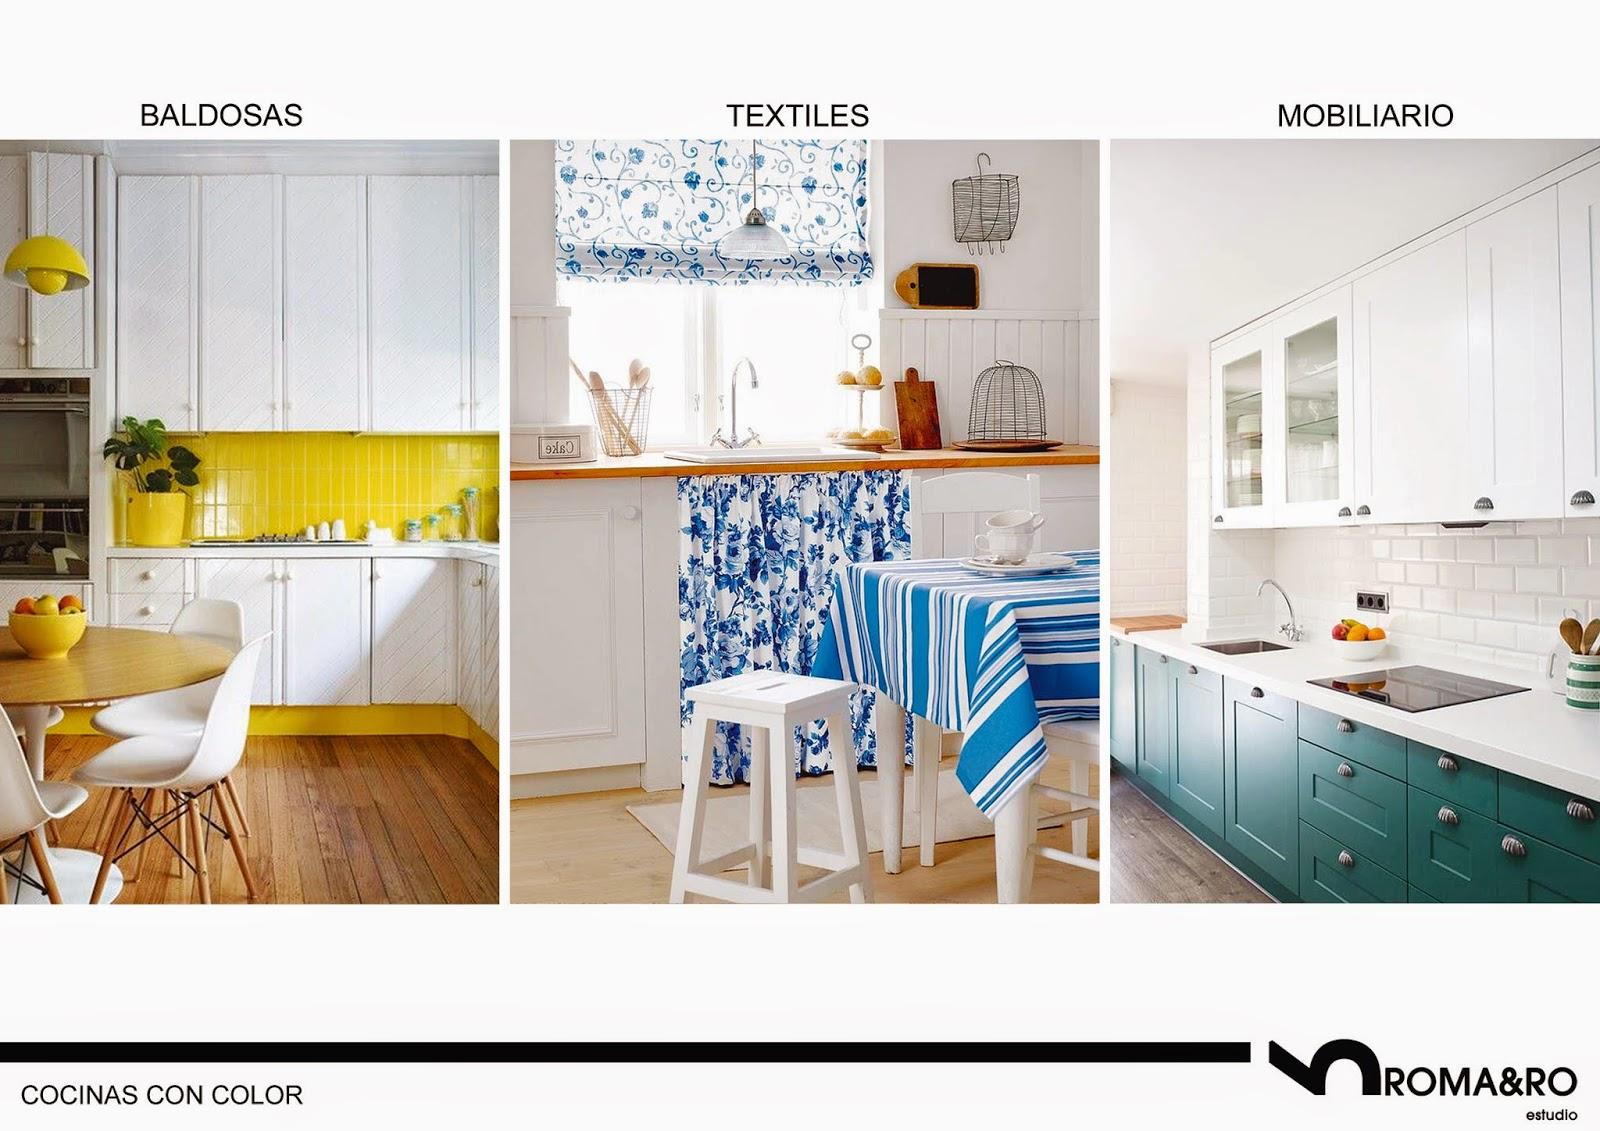 Toques de color en las cocinas